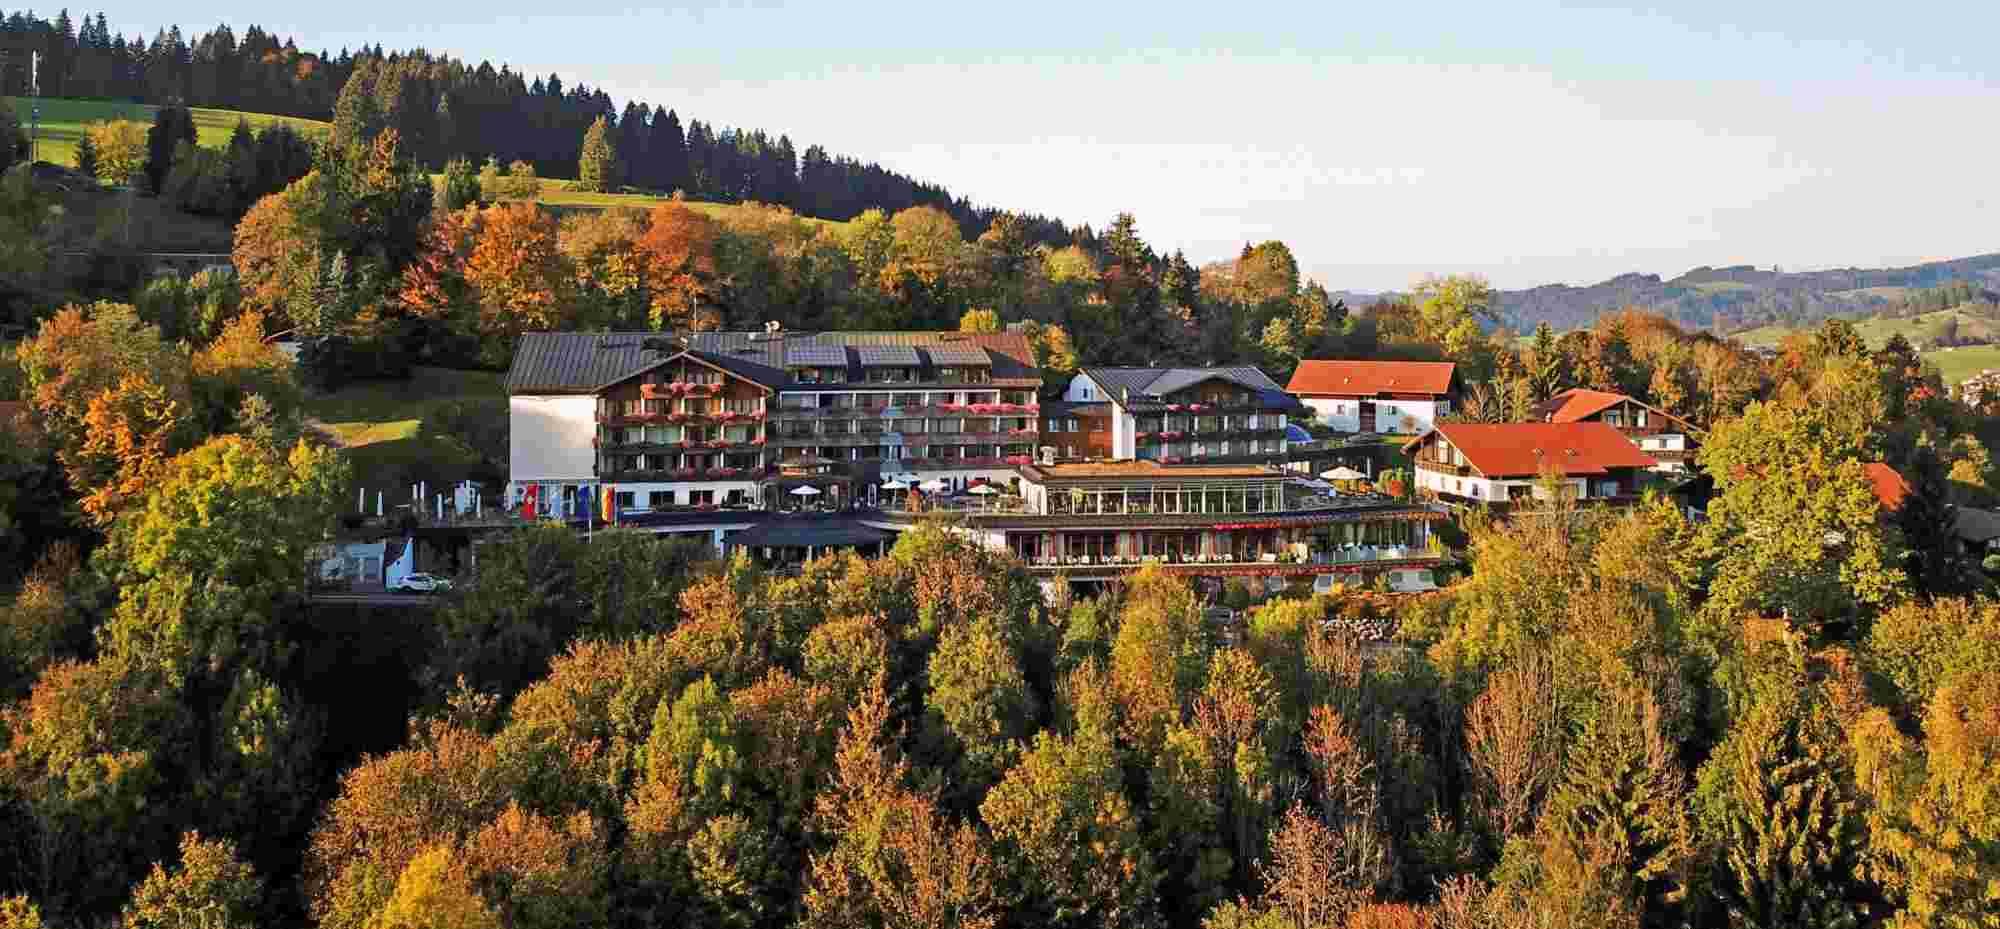 Hotel Allgäu im Herbst von oben